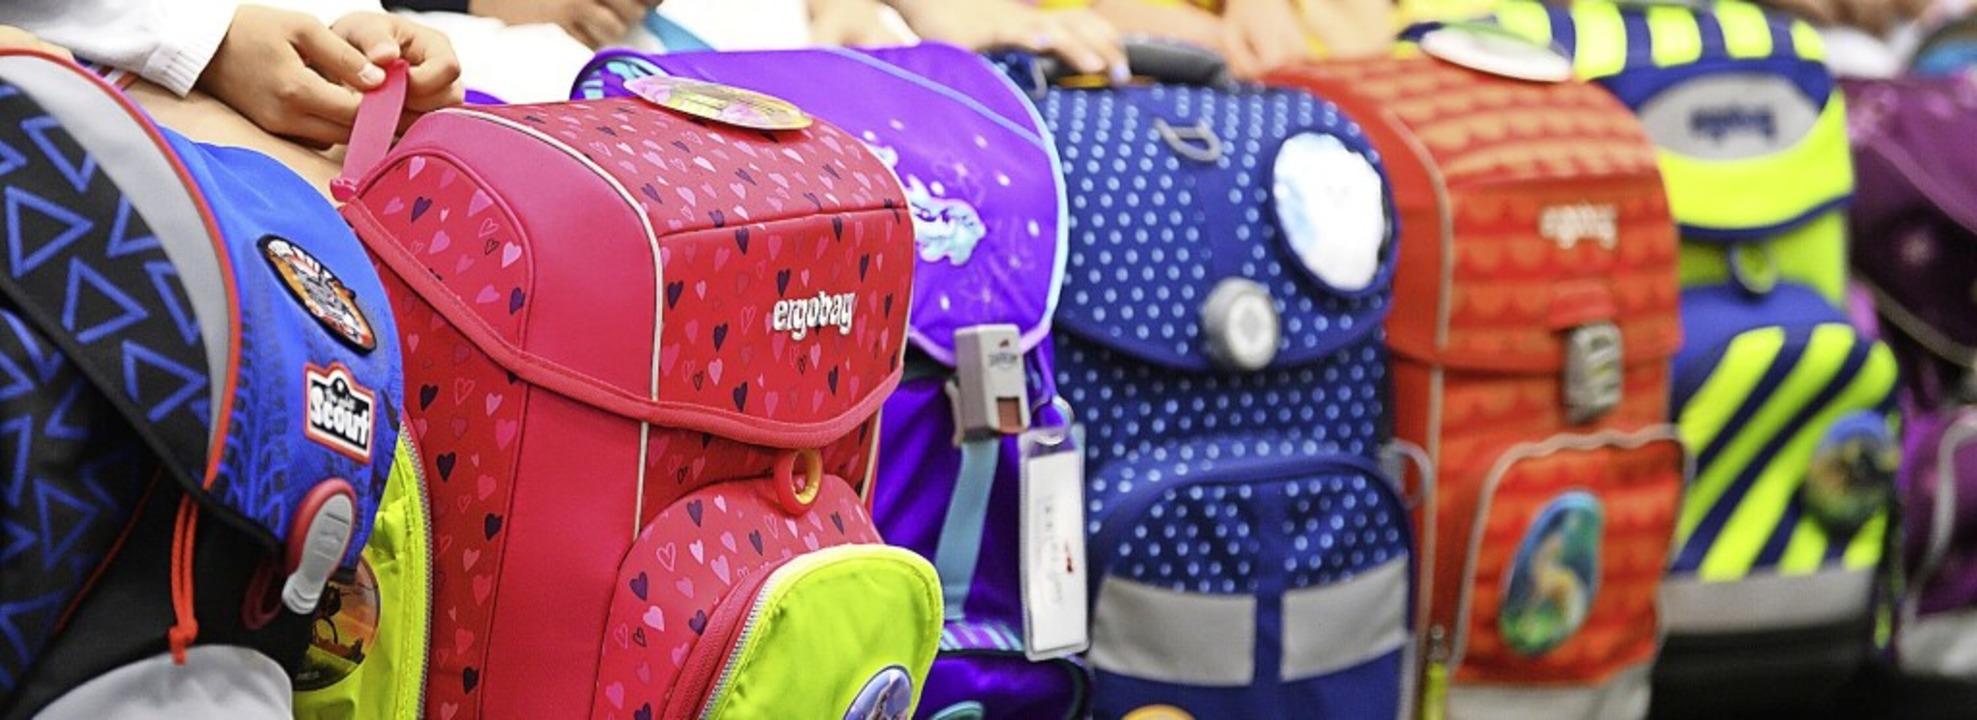 Am Montag heißt es wieder Schulranzen packen – der Unterricht beginnt.   | Foto: Robert Michael (dpa)